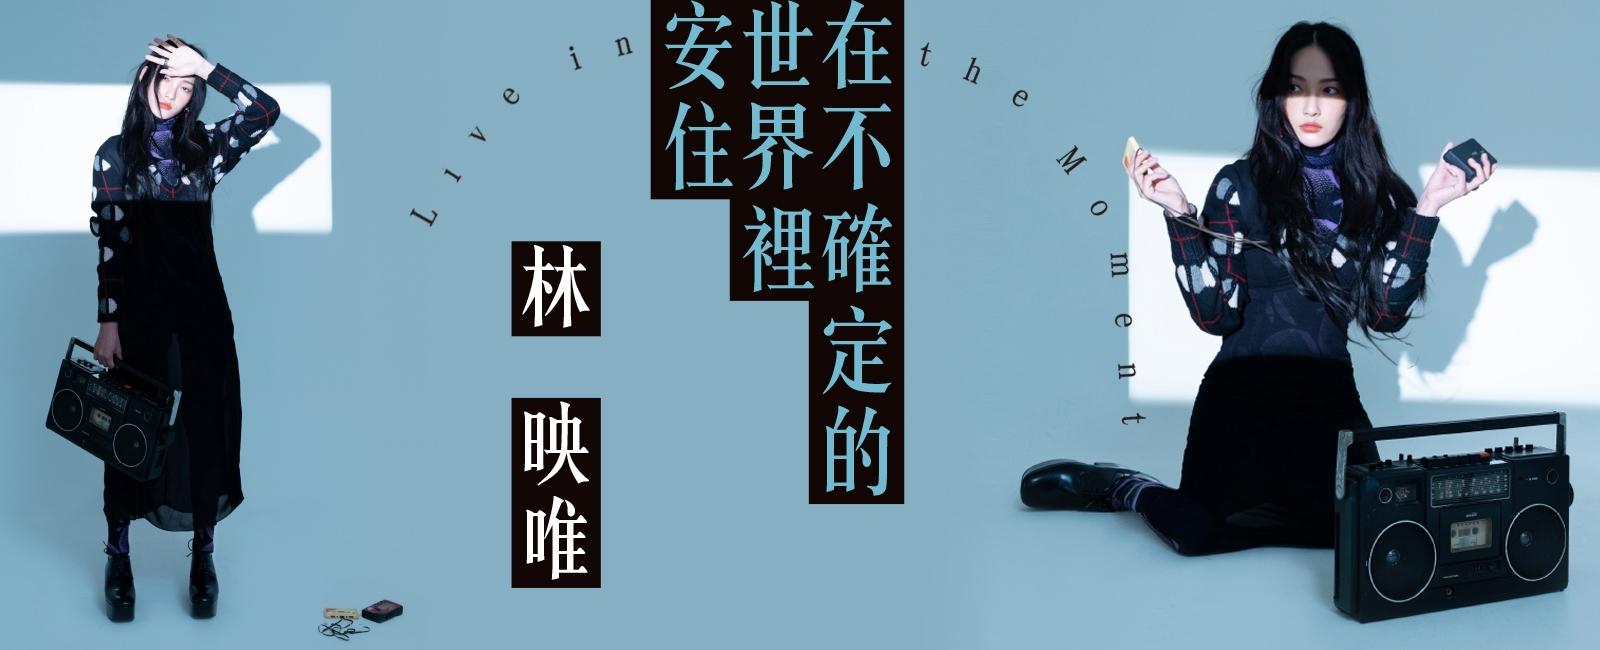 封面專訪/在不確定的世界裡安住 林映唯